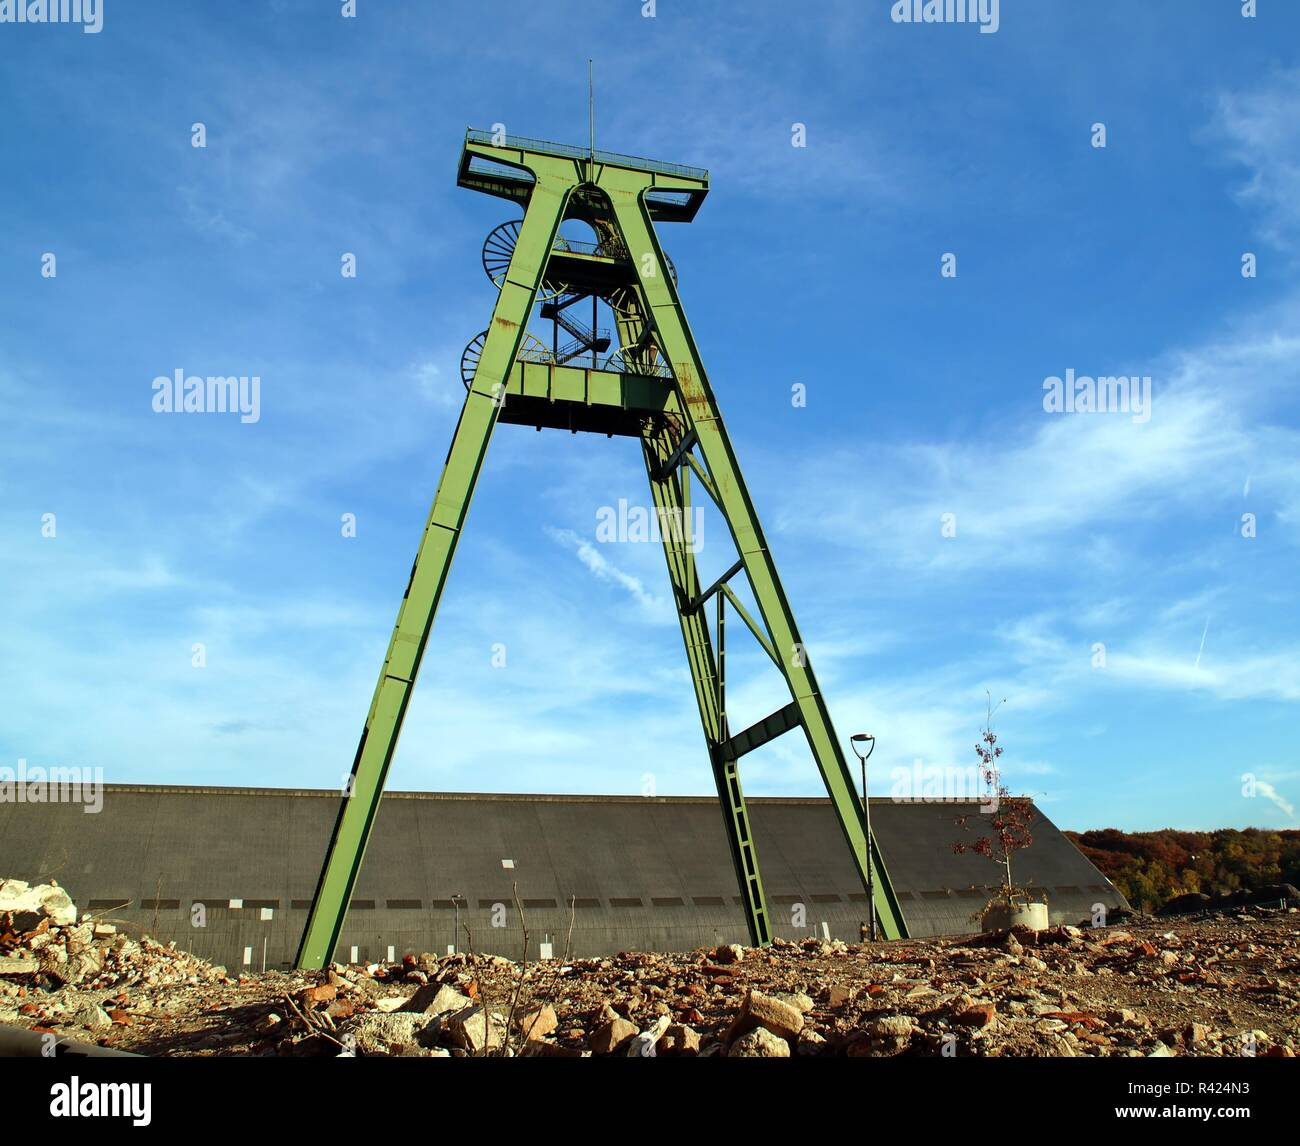 lohberg colliery - Stock Image